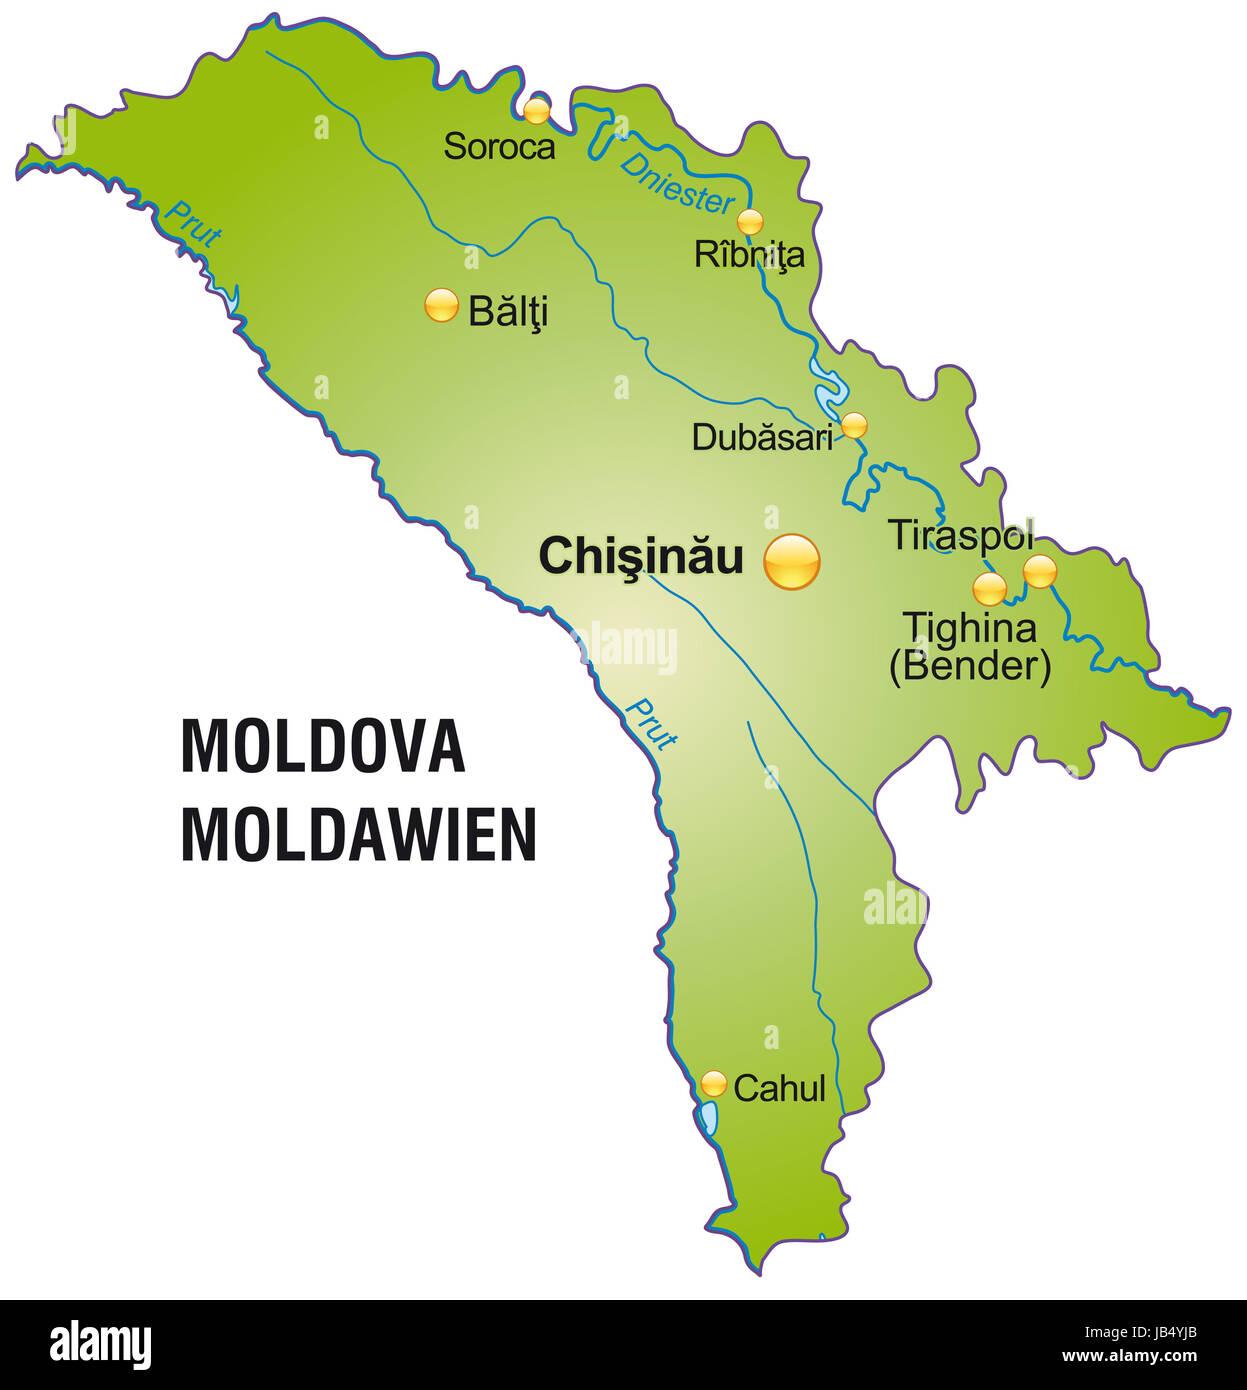 Die Karte ist modern gestaltet und enthält alle wichtigen Topographischen Informationen.  Die Karte kann sofort Stock Photo